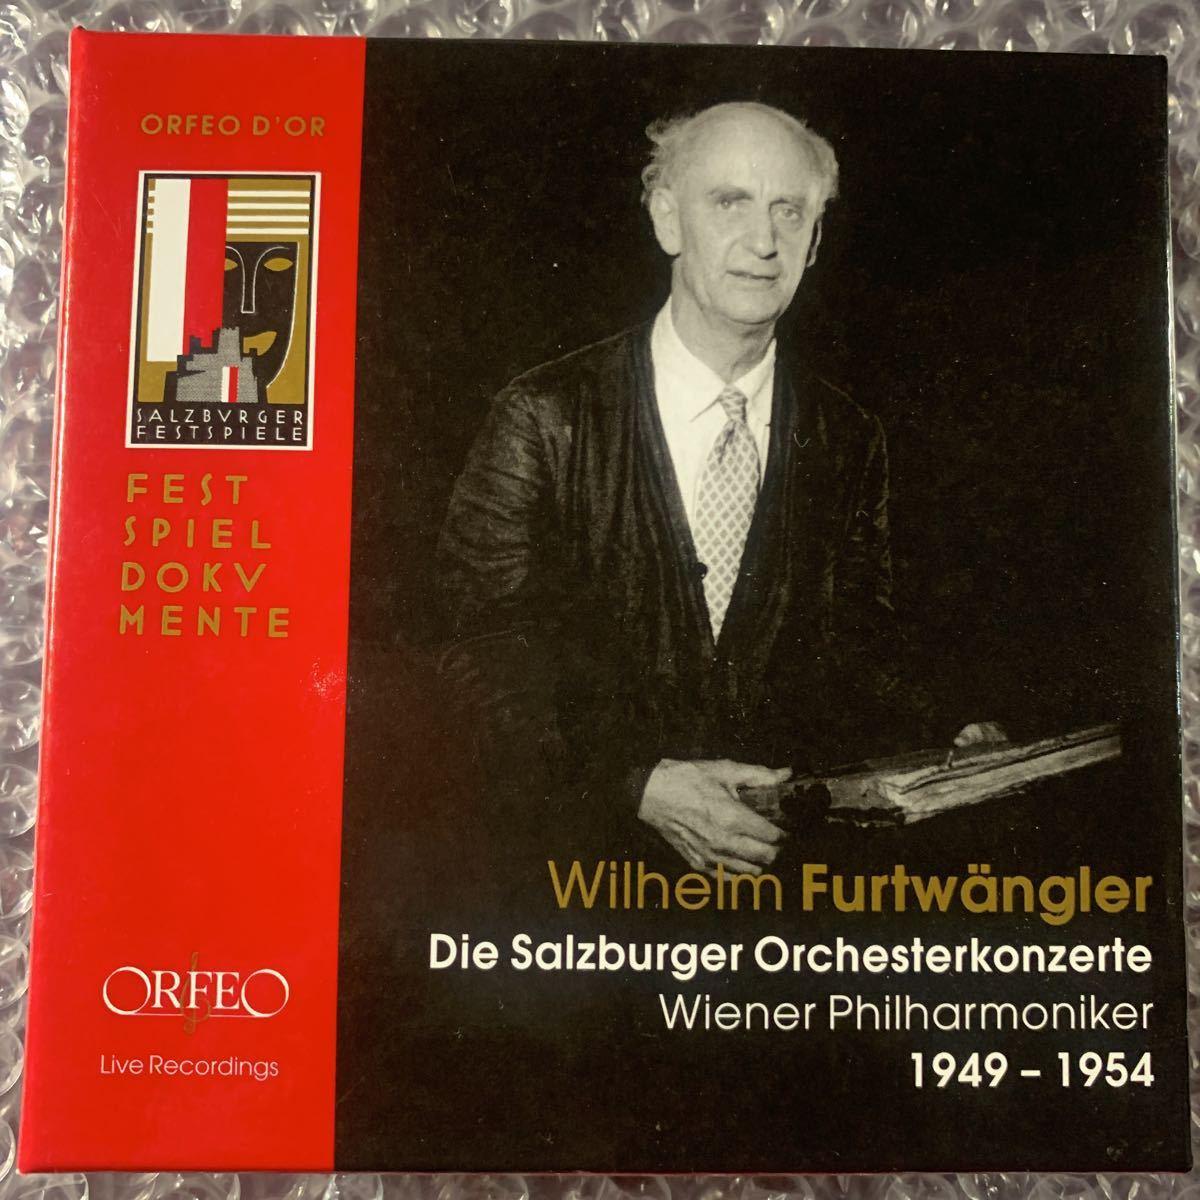 フルトヴェングラー 、ザルツブルク音楽祭、オーケストラコンサートの実況録音集、1947-1954、おまけのブラームス交響曲第一番